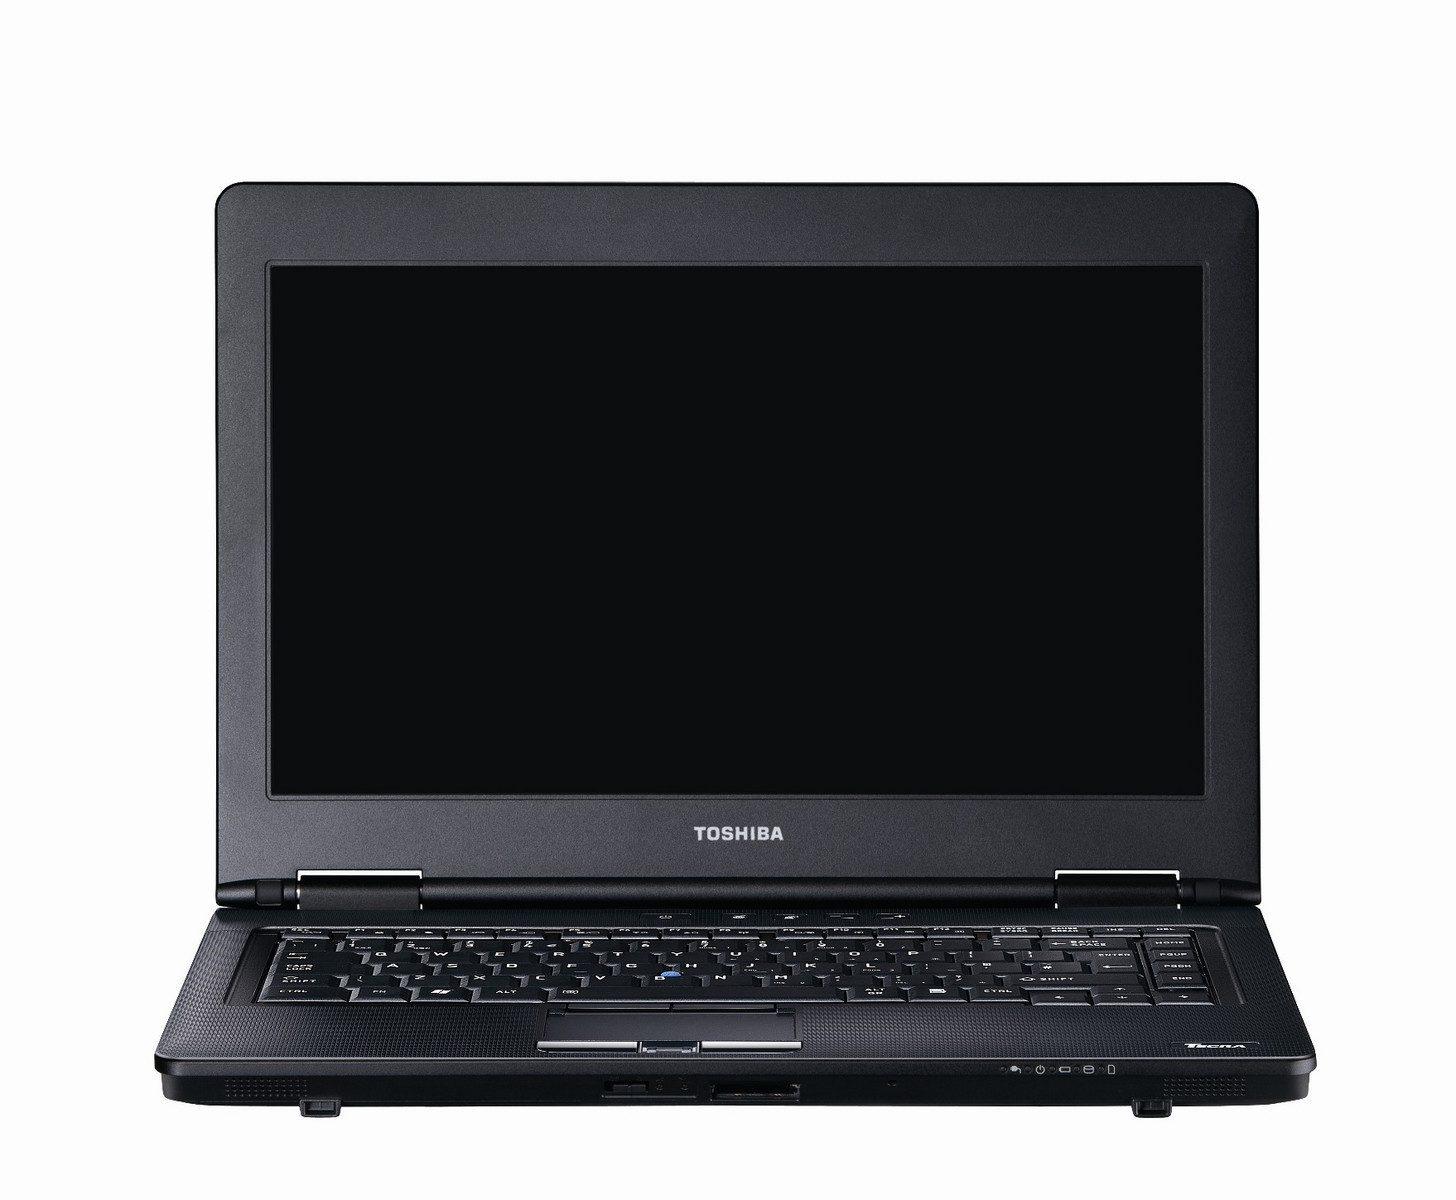 لپ تاپ Toshiba مدل TECRA M11